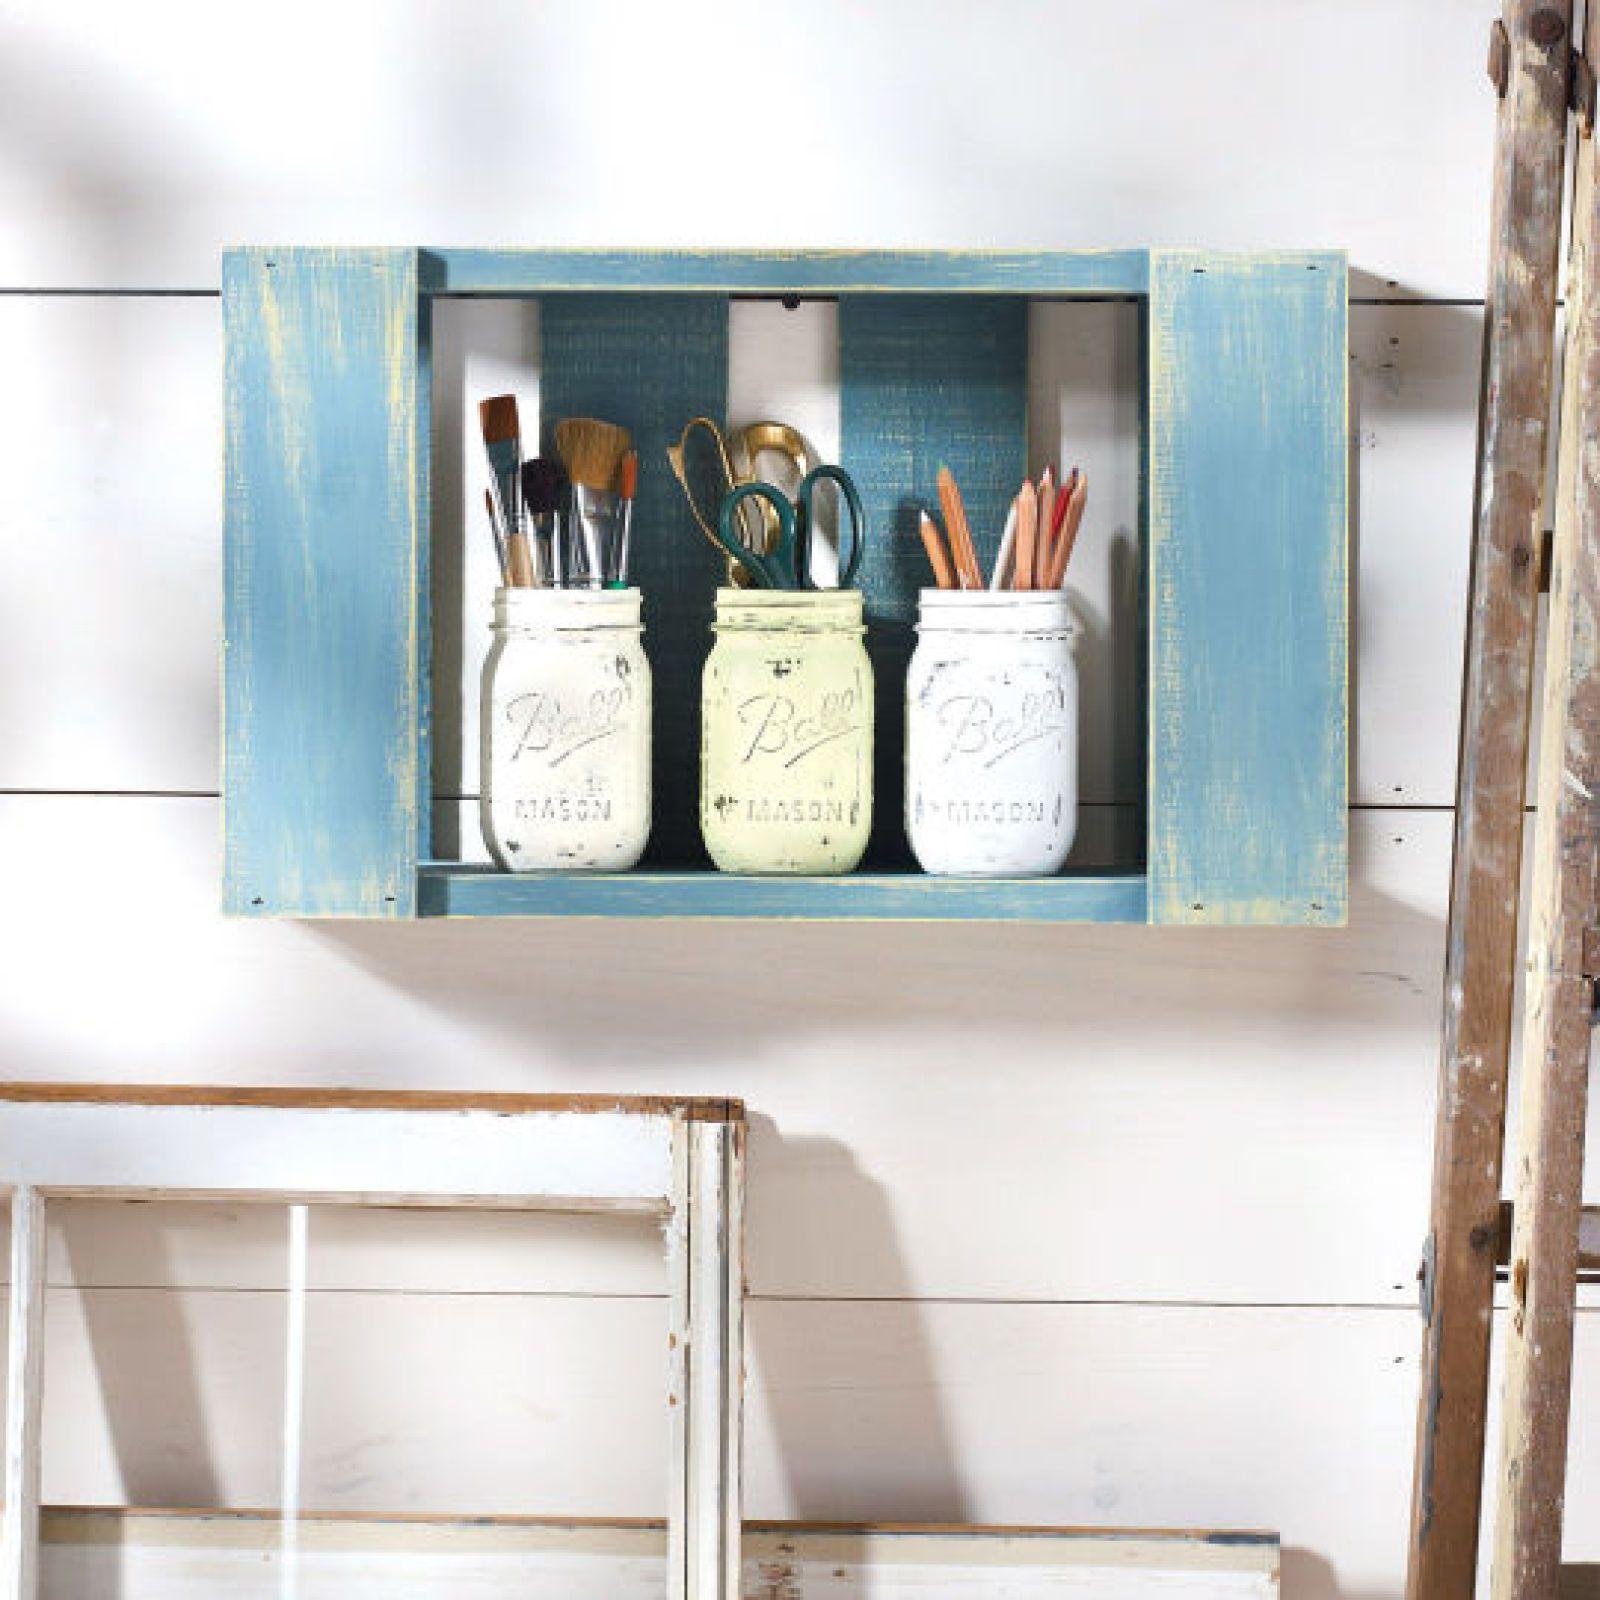 Martha Stewart Crafts Vintage Decor Pallet Organizer For the Home